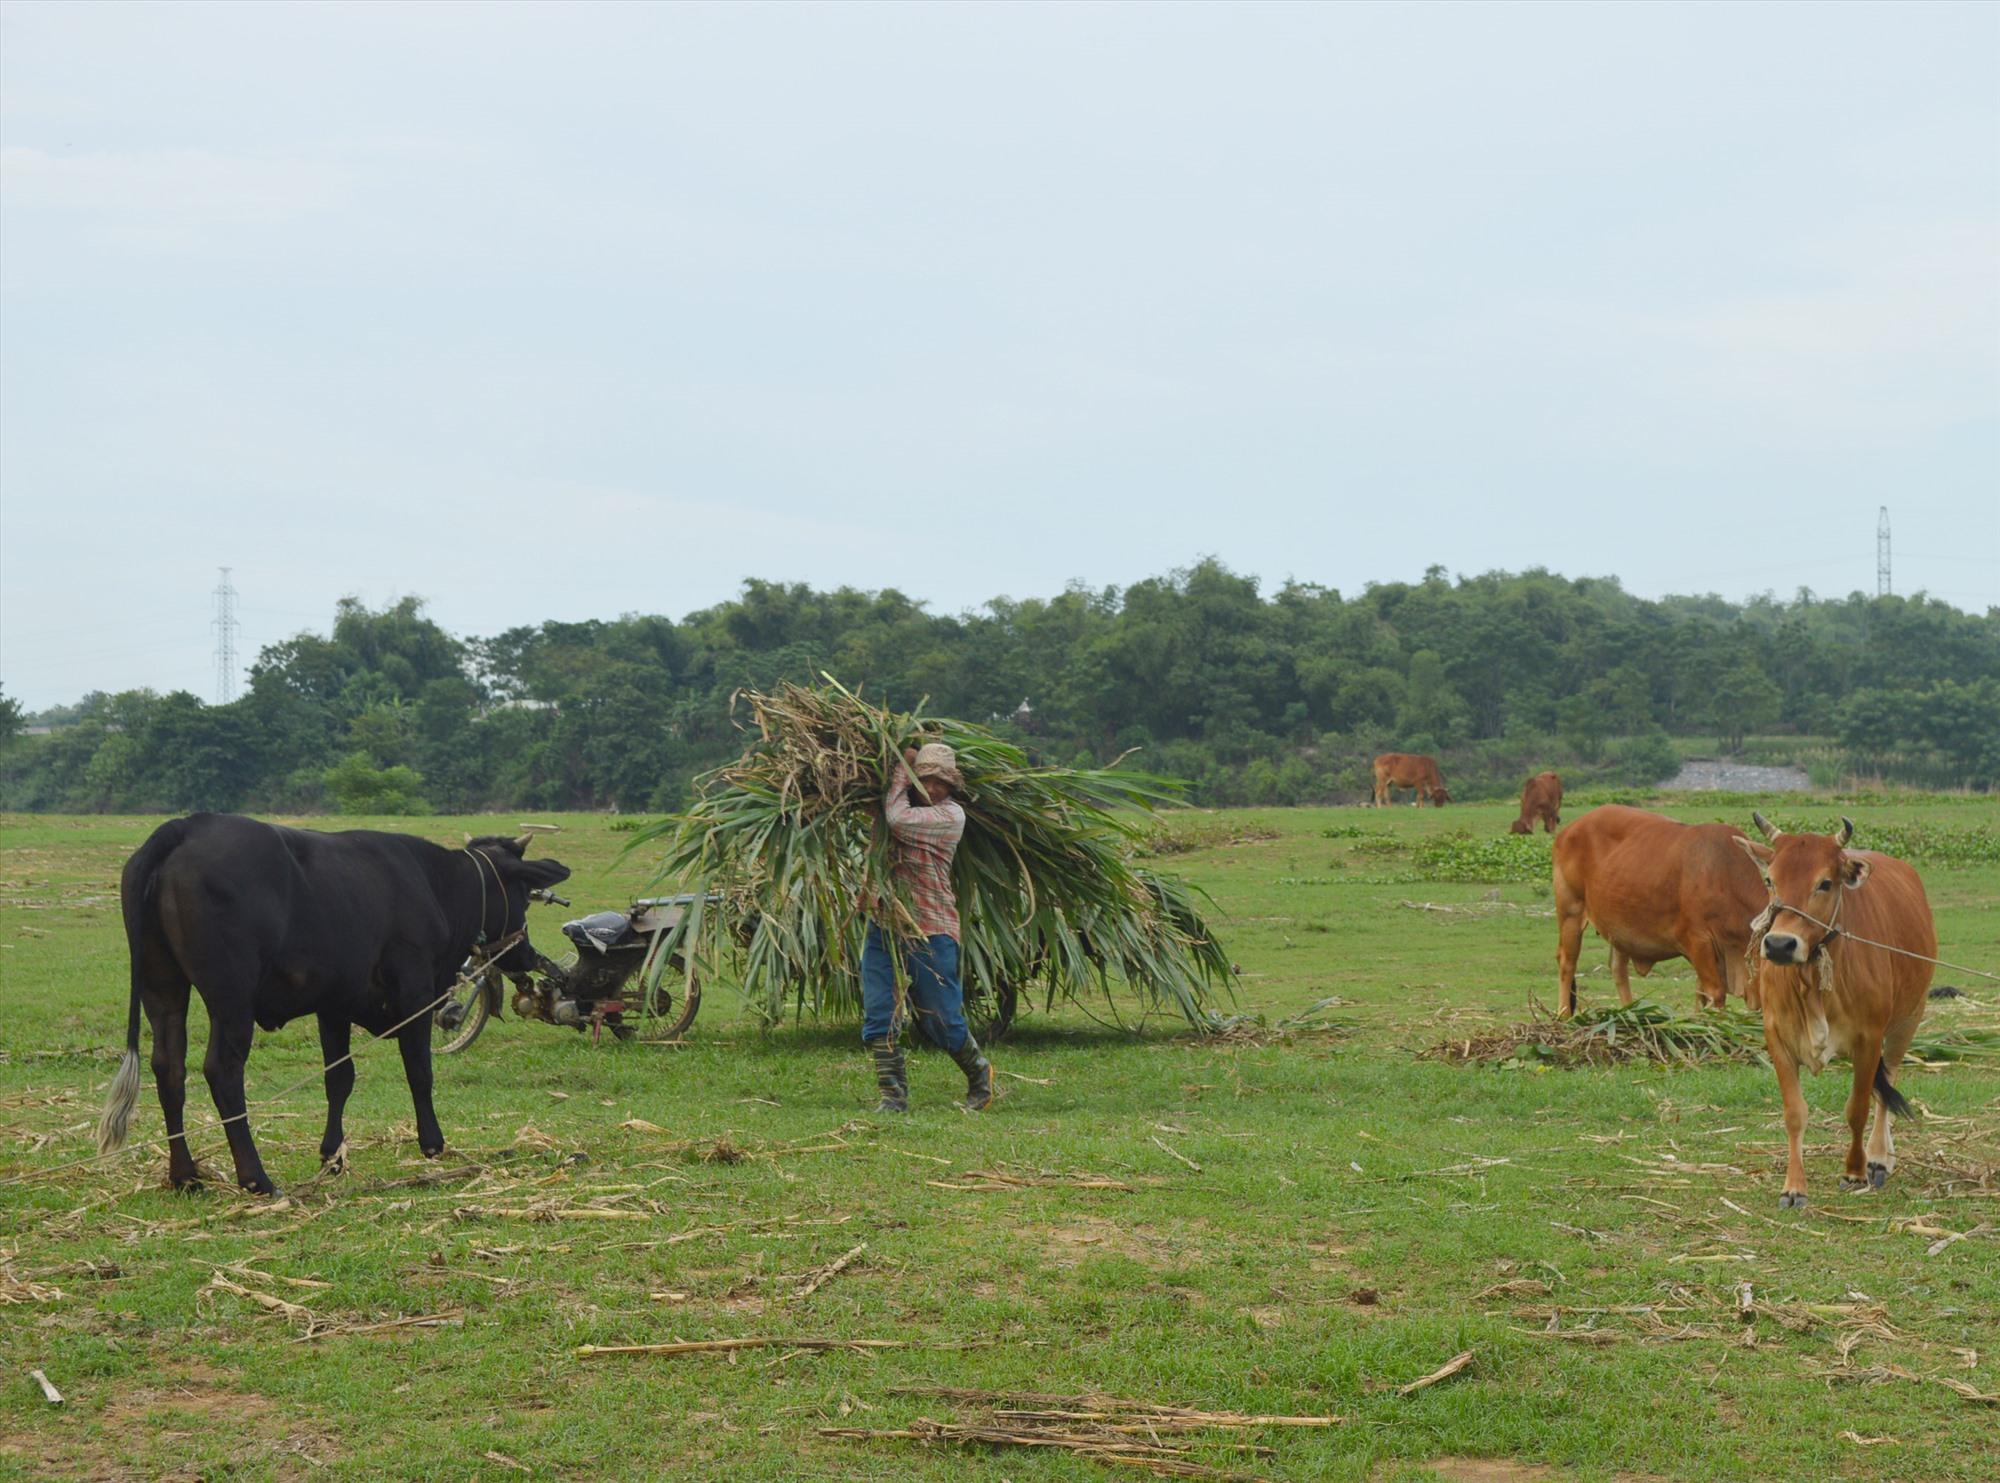 Mô hình trồng bắp nuôi bò vừa giúp nâng cao giá trị cây bắp vừa mang lại hiệu quả kinh tế cao. Ảnh: K.L